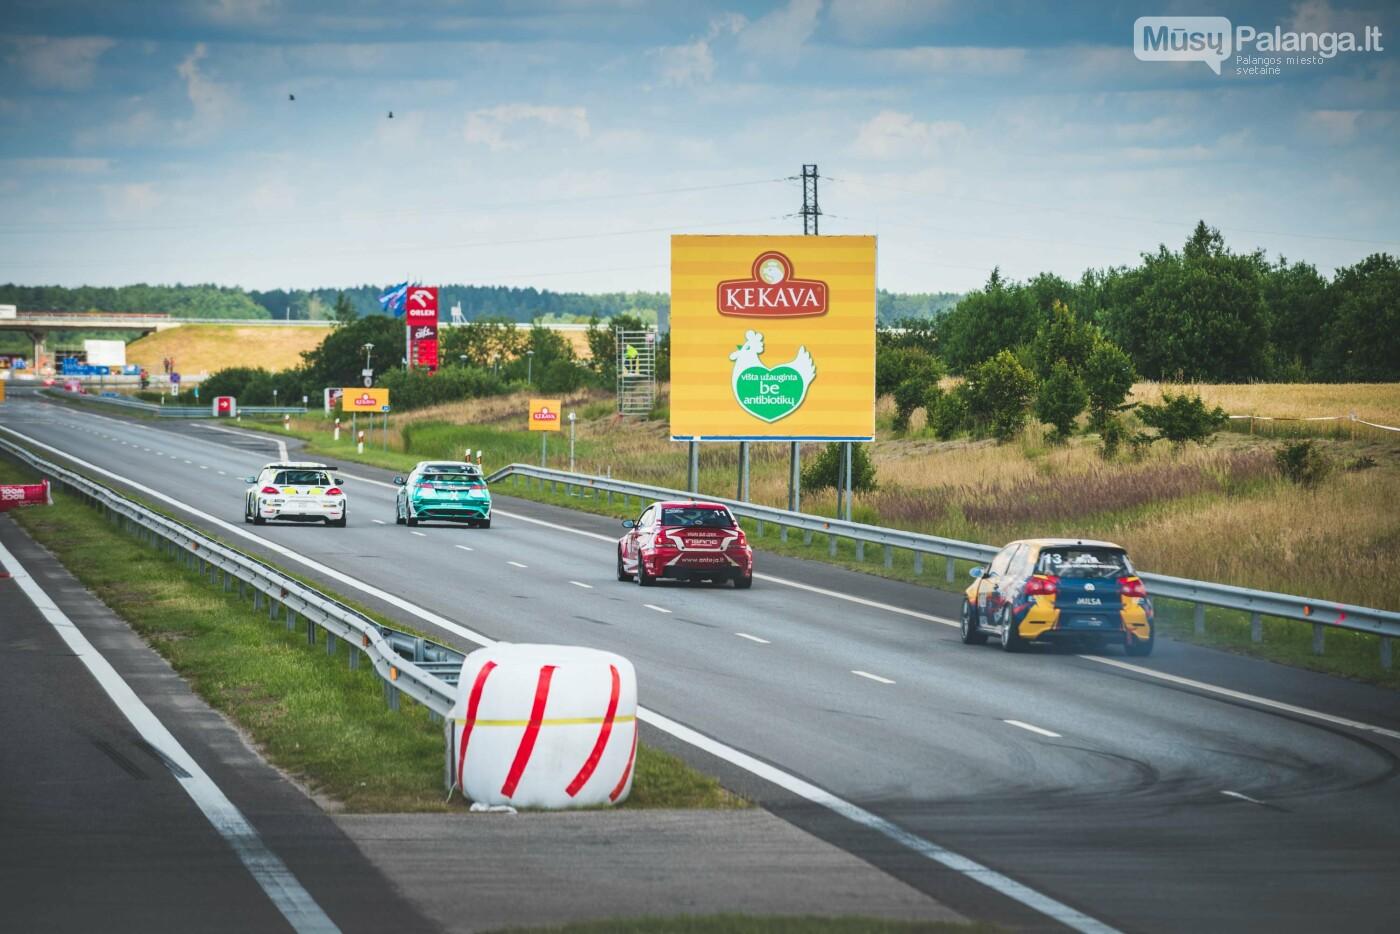 """Pirmoji """"Aurum 1006 km lenktynių"""" repeticija, nuotrauka-1, Arno STRUMILOS nuotr."""